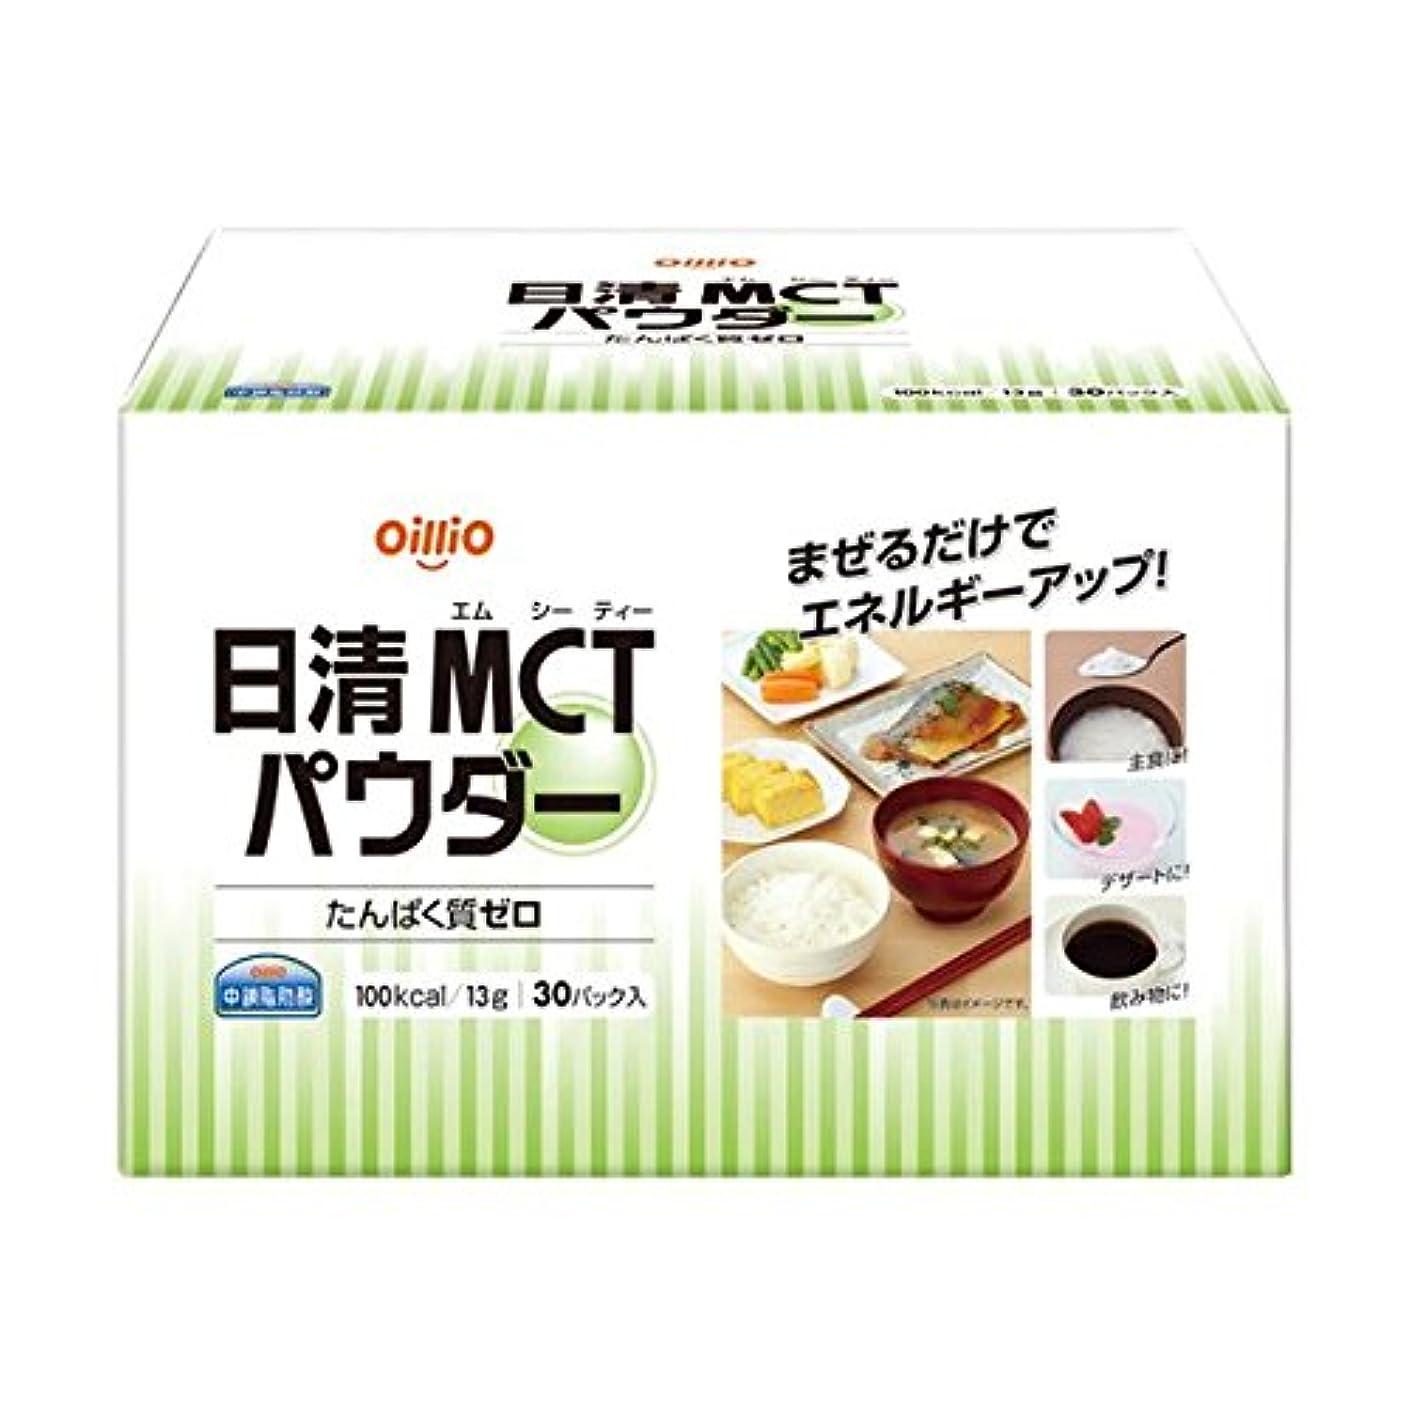 日清オイリオ日清MCTパウダー 13gx30【2個セット】